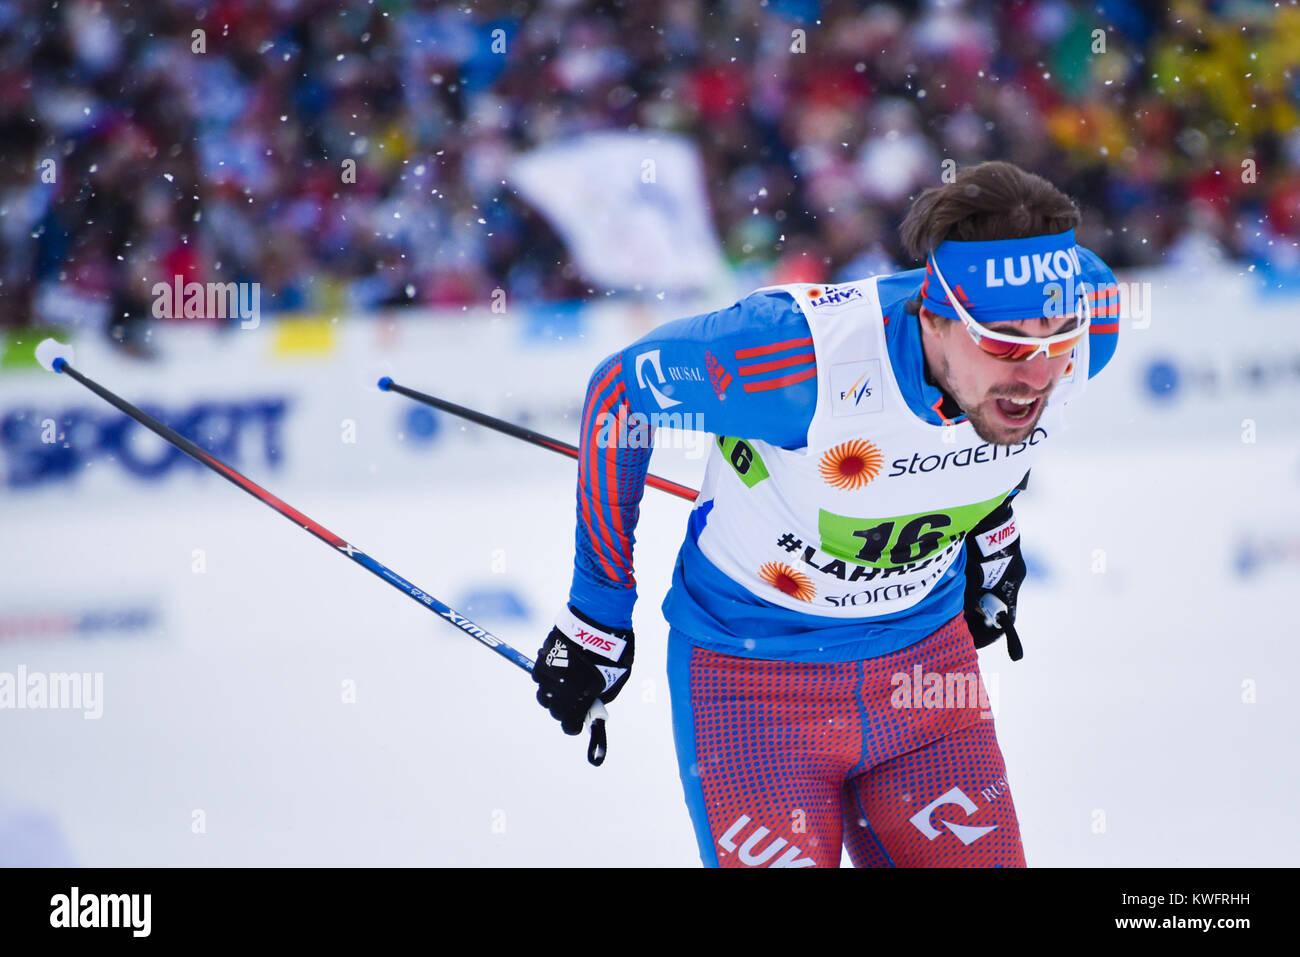 Sergey Ustiugov (Rusia), terminando últimos metros de team sprint, 2017 Campeonatos Mundiales de Esquí Nórdico, Lahti, Finlandia. Su equipo ganó. Foto de stock